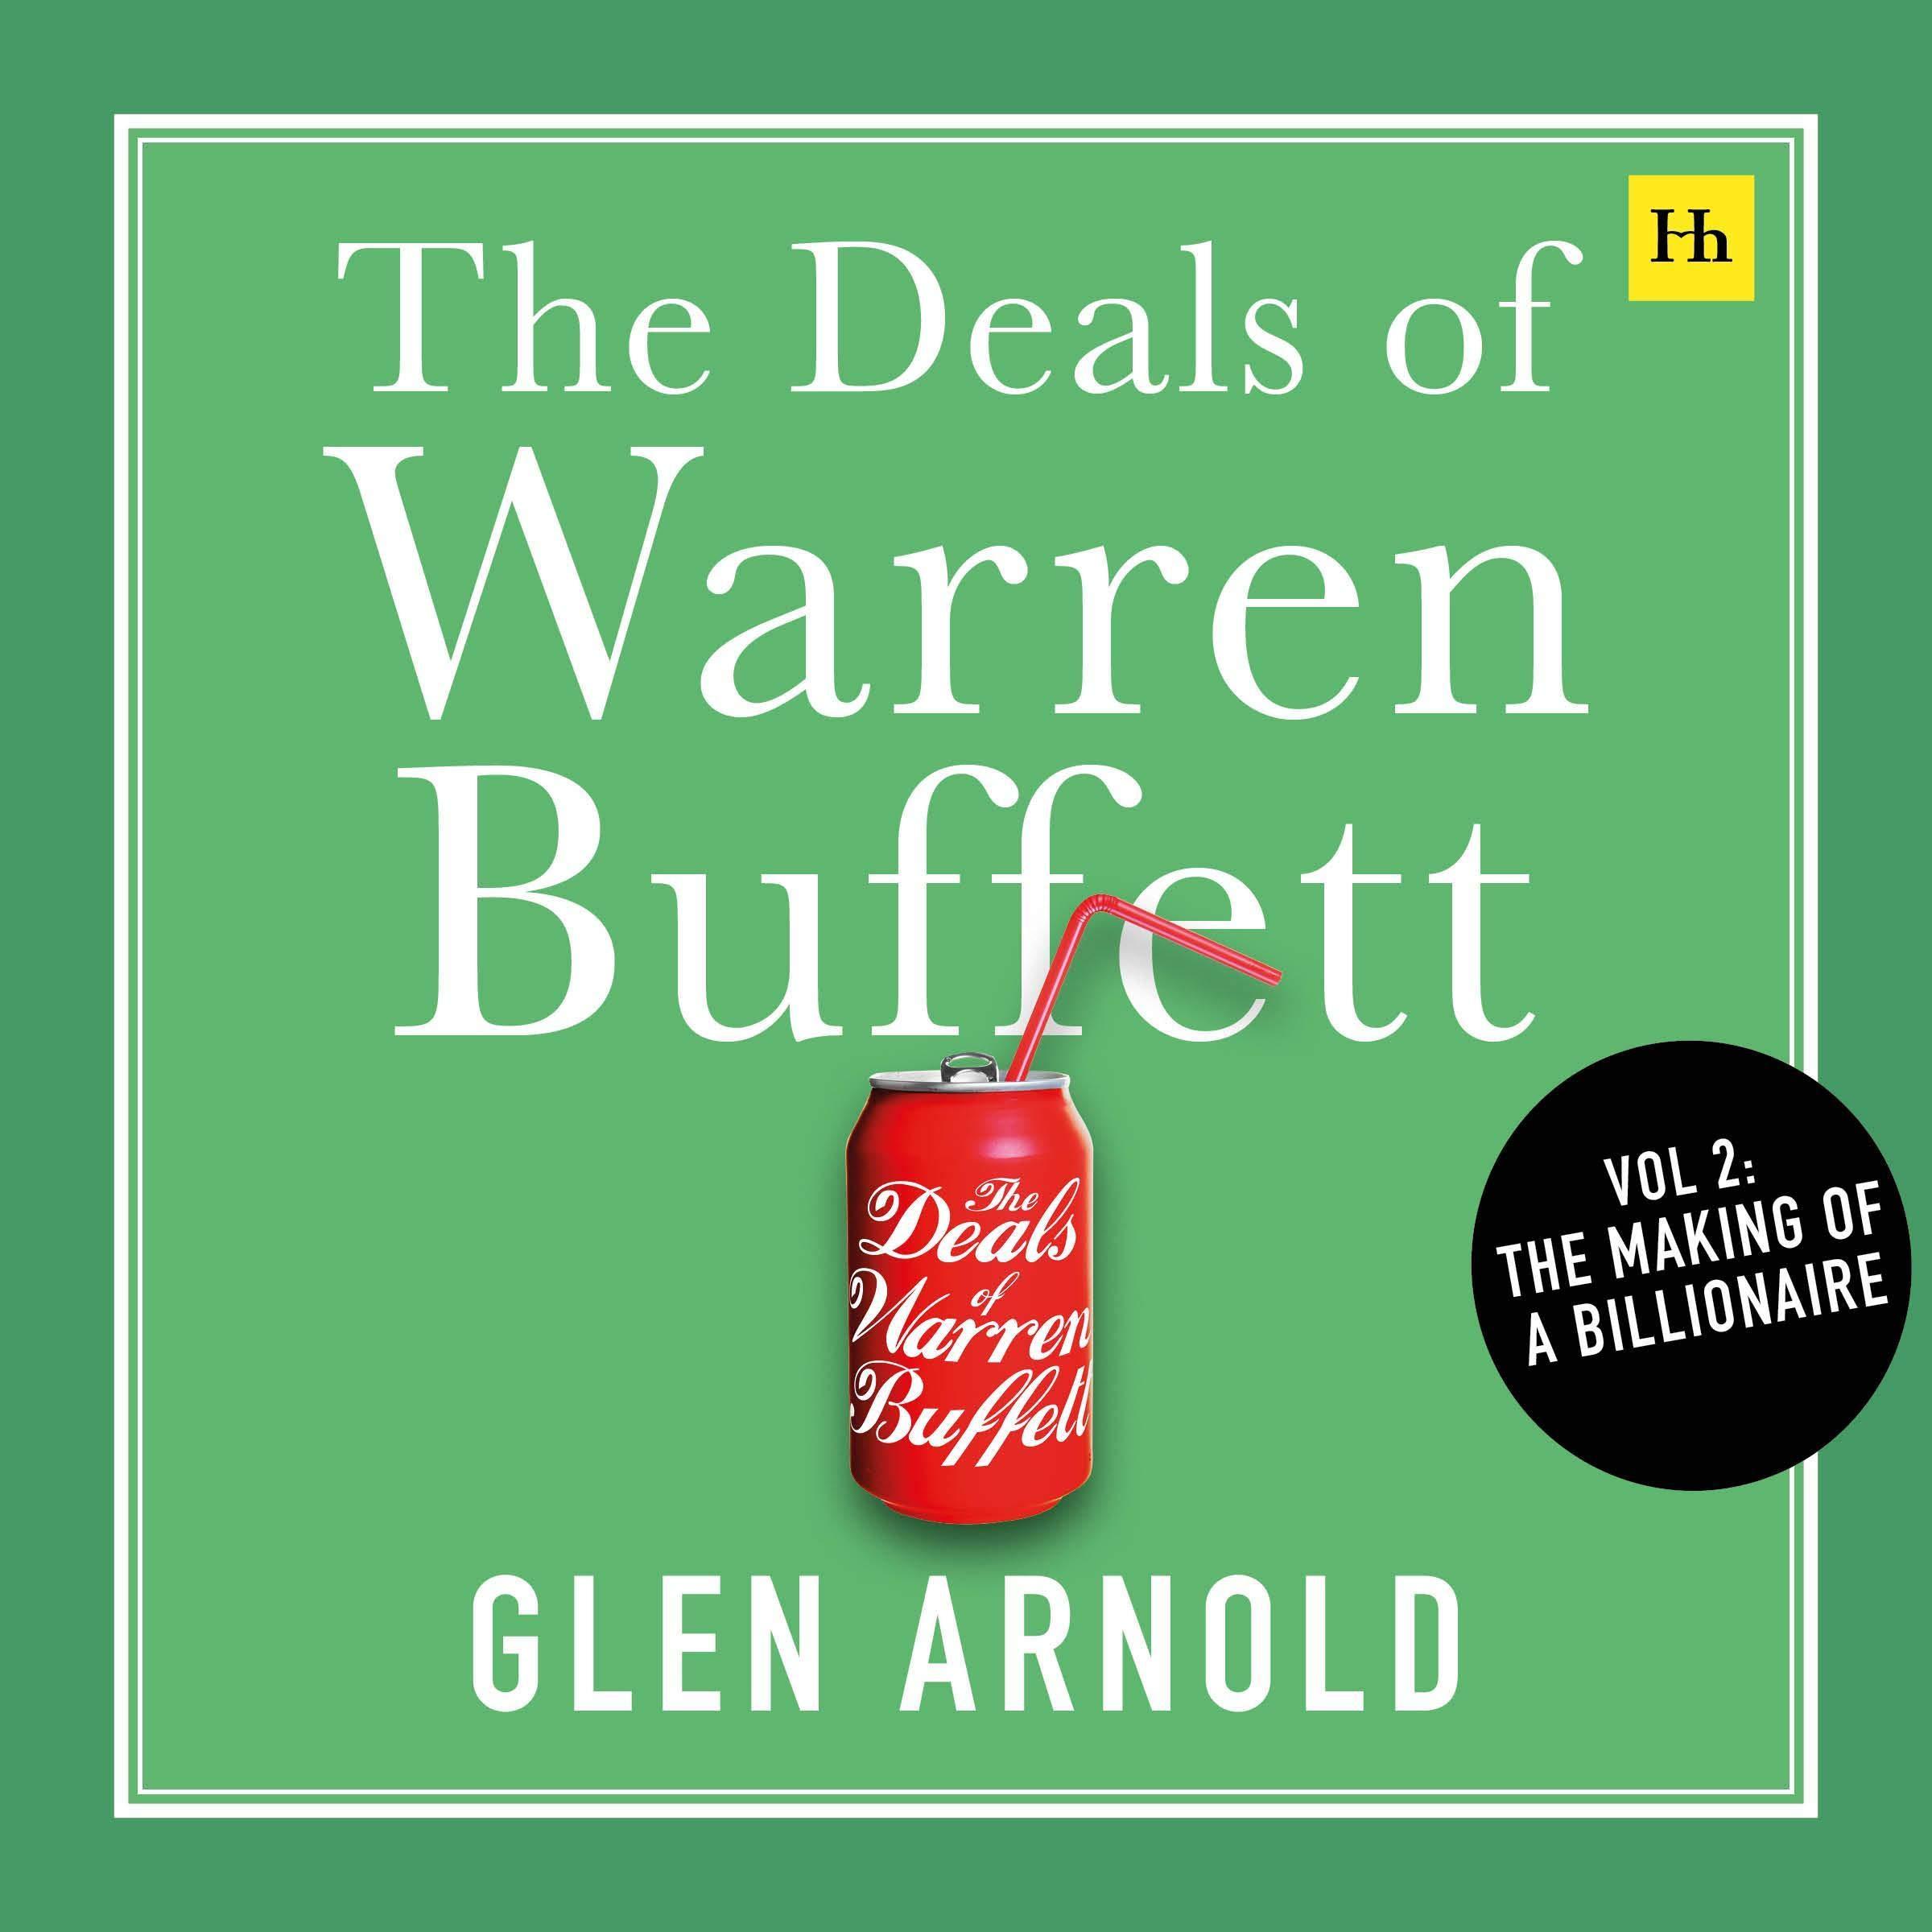 The Deals of Warren Buffett, Volume 2: The Making of a Billionaire